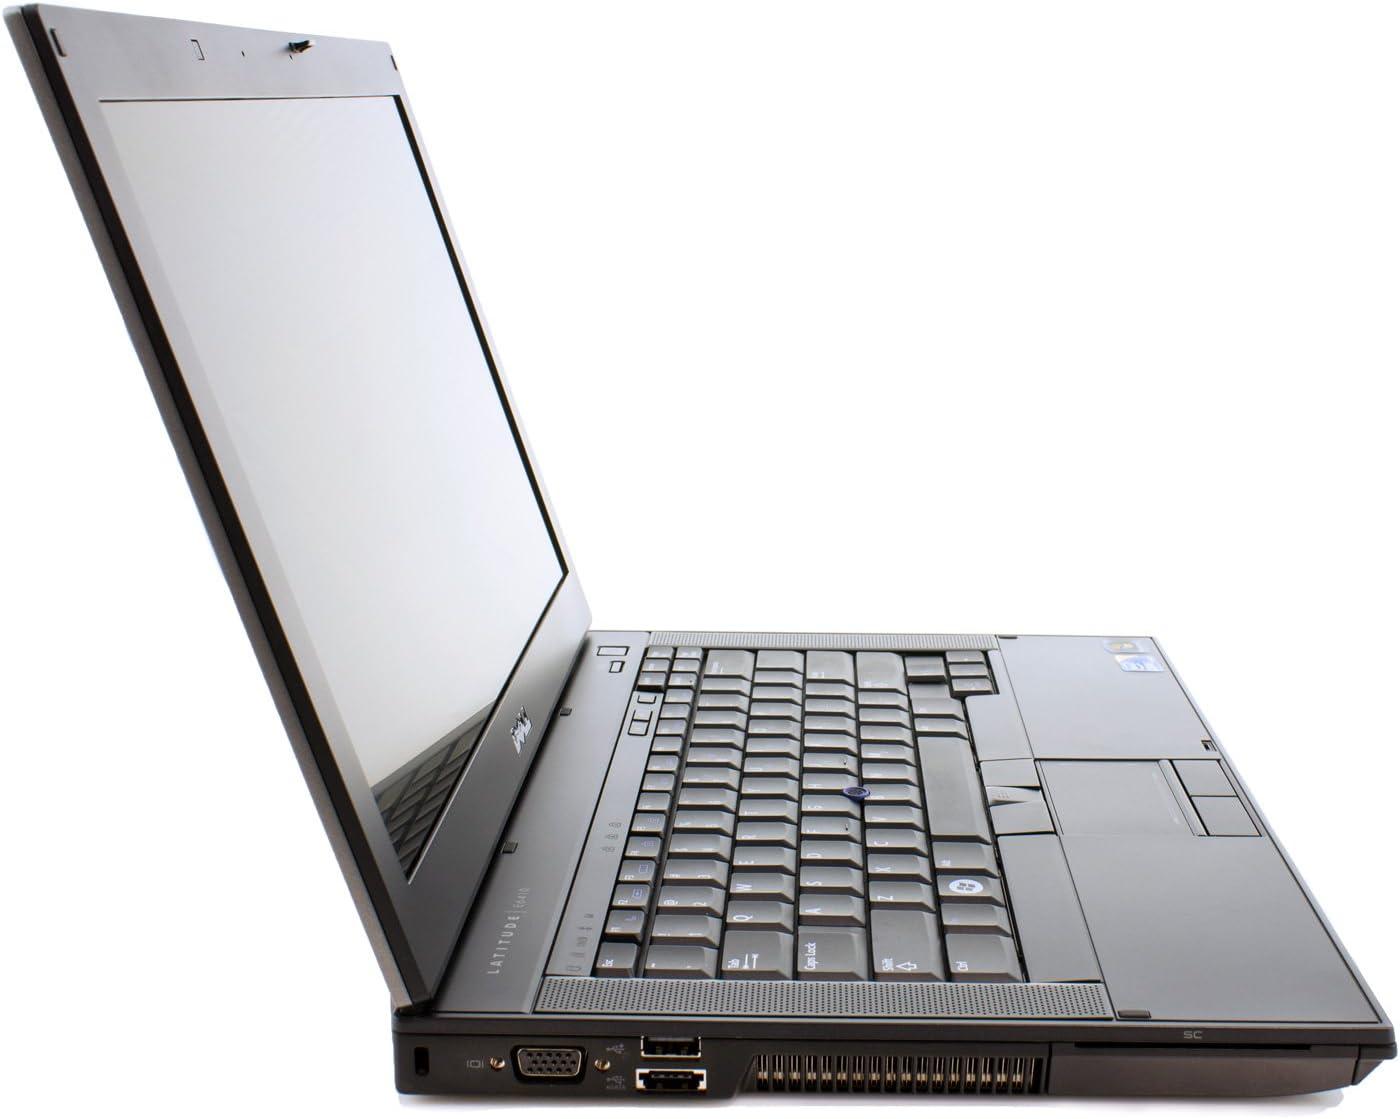 Dell Latitude E6410 Laptop Webcam - Core i5 2.4ghz -2GB DDR3 - 160GB HDD - DVDRW - Windows 7 Pro